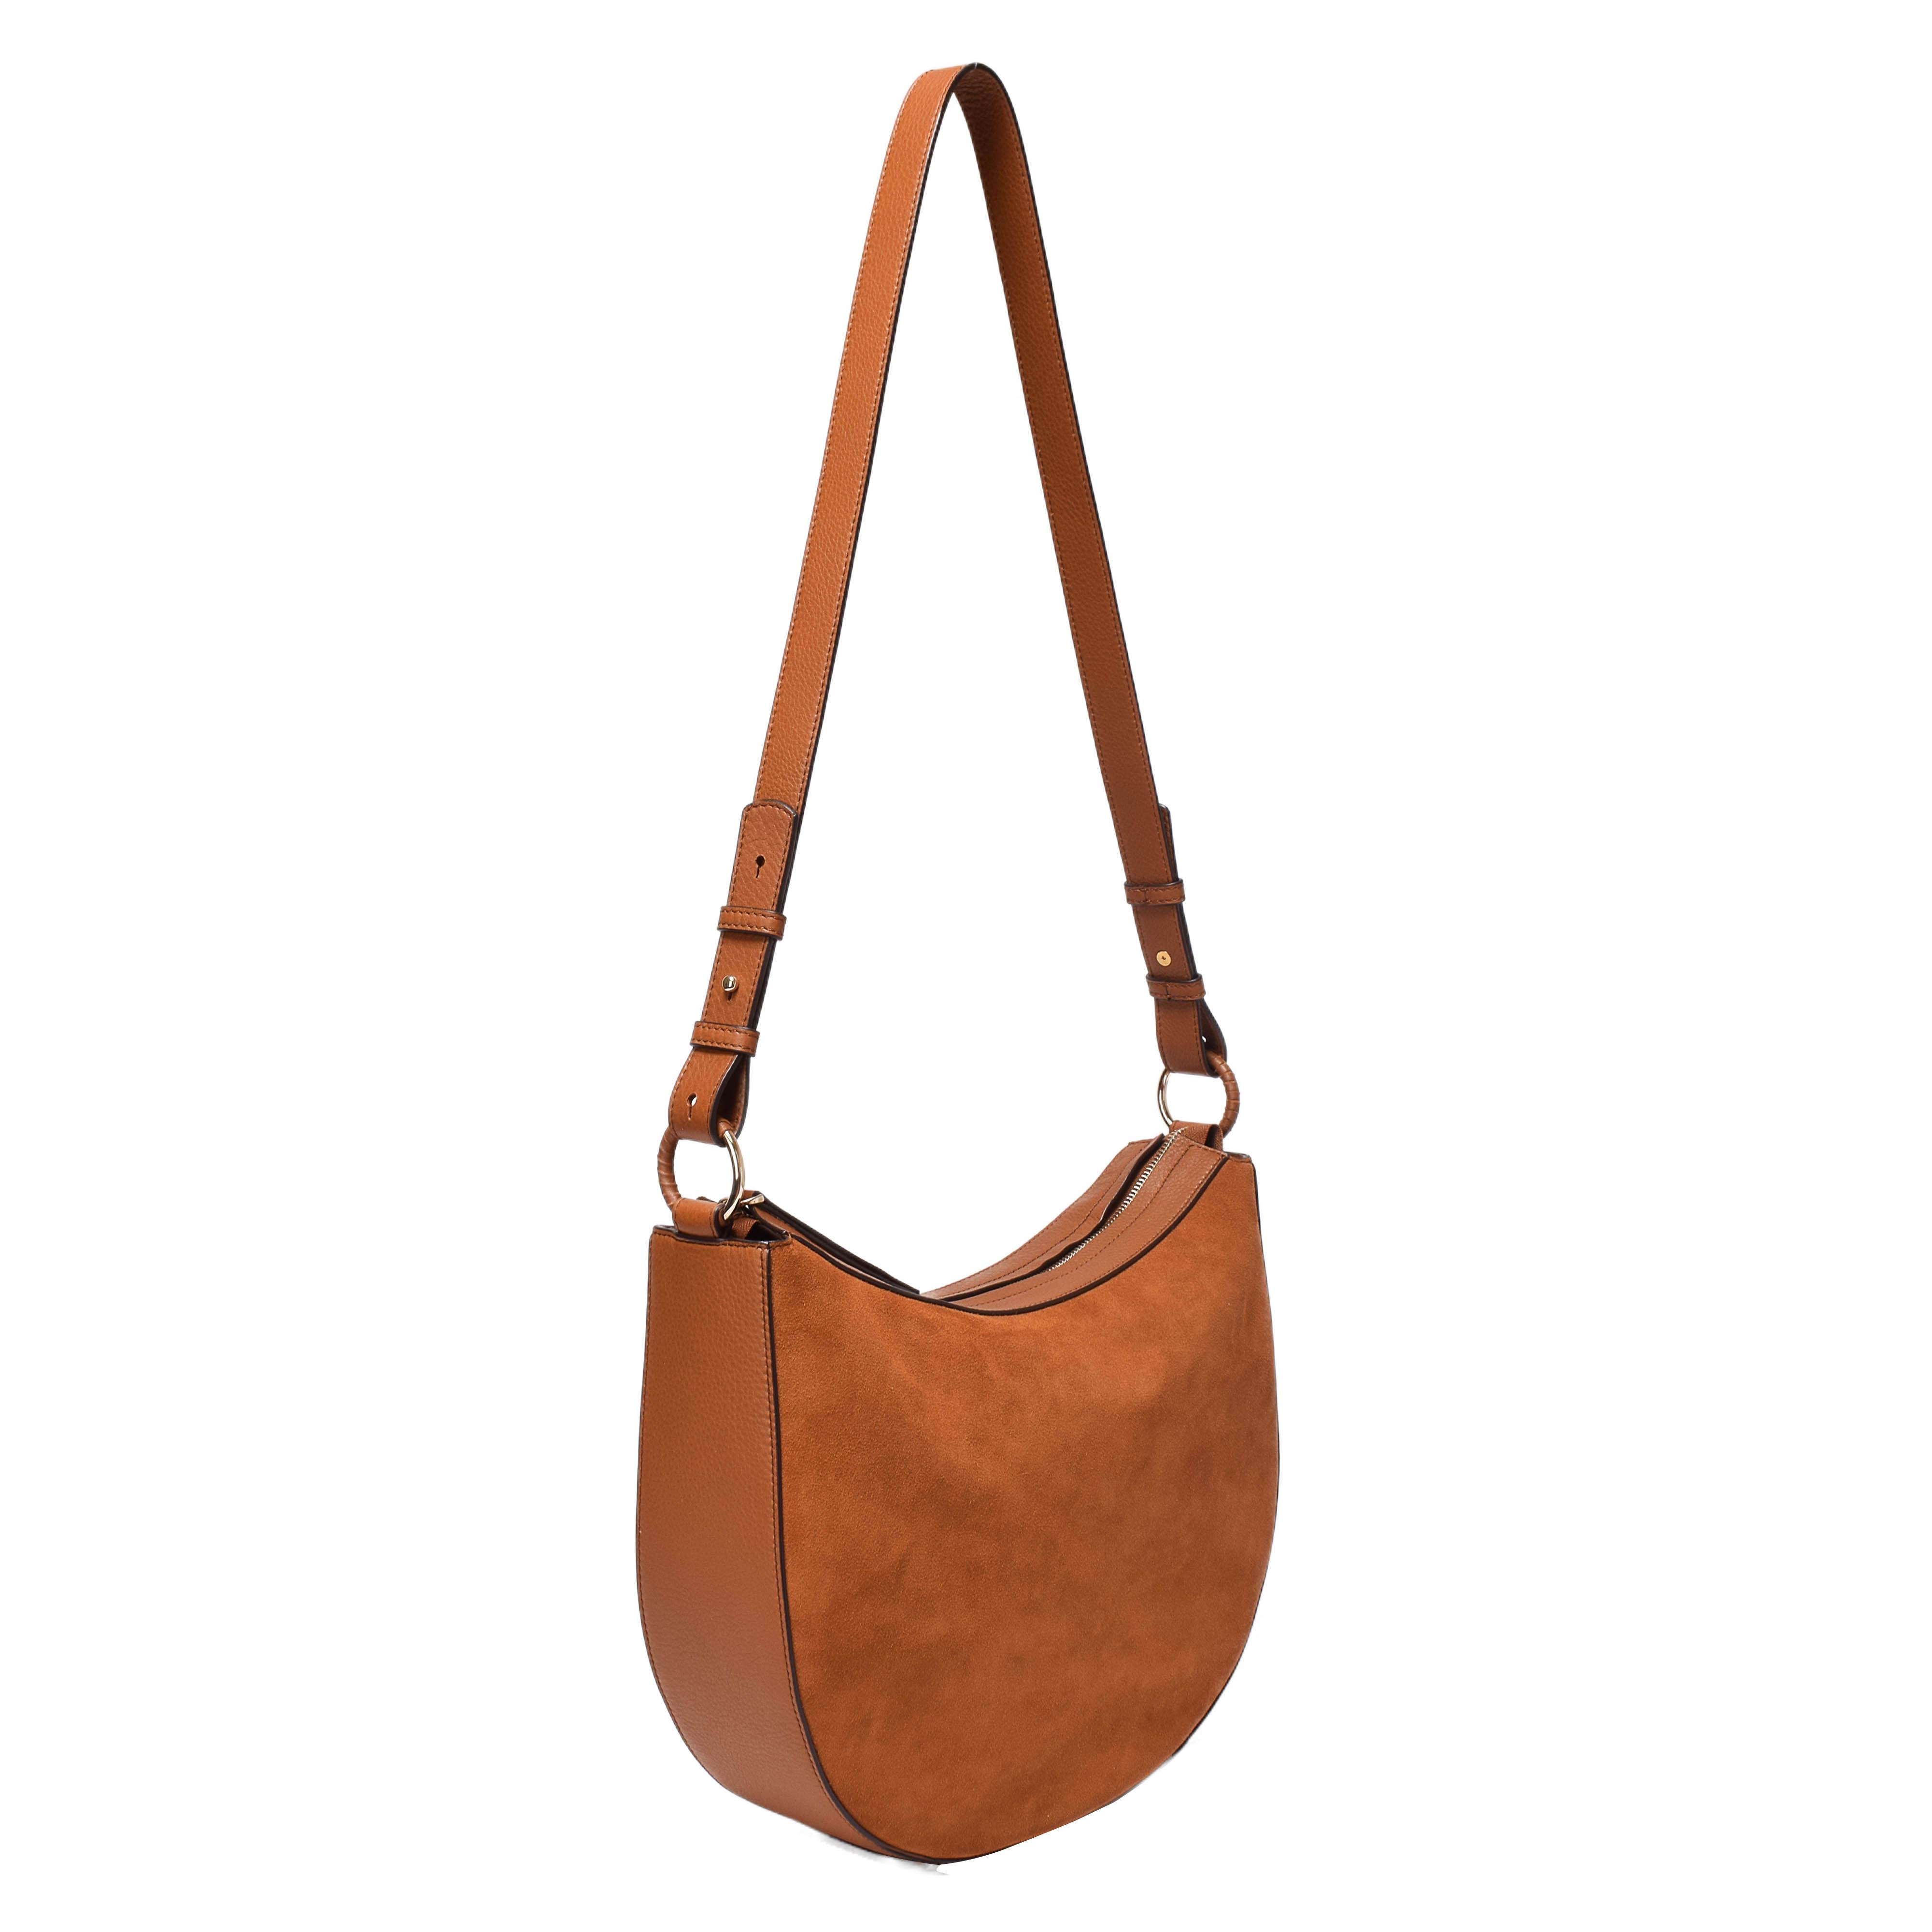 Sanlly Latest leather messenger bag for women free sample for modern women-1